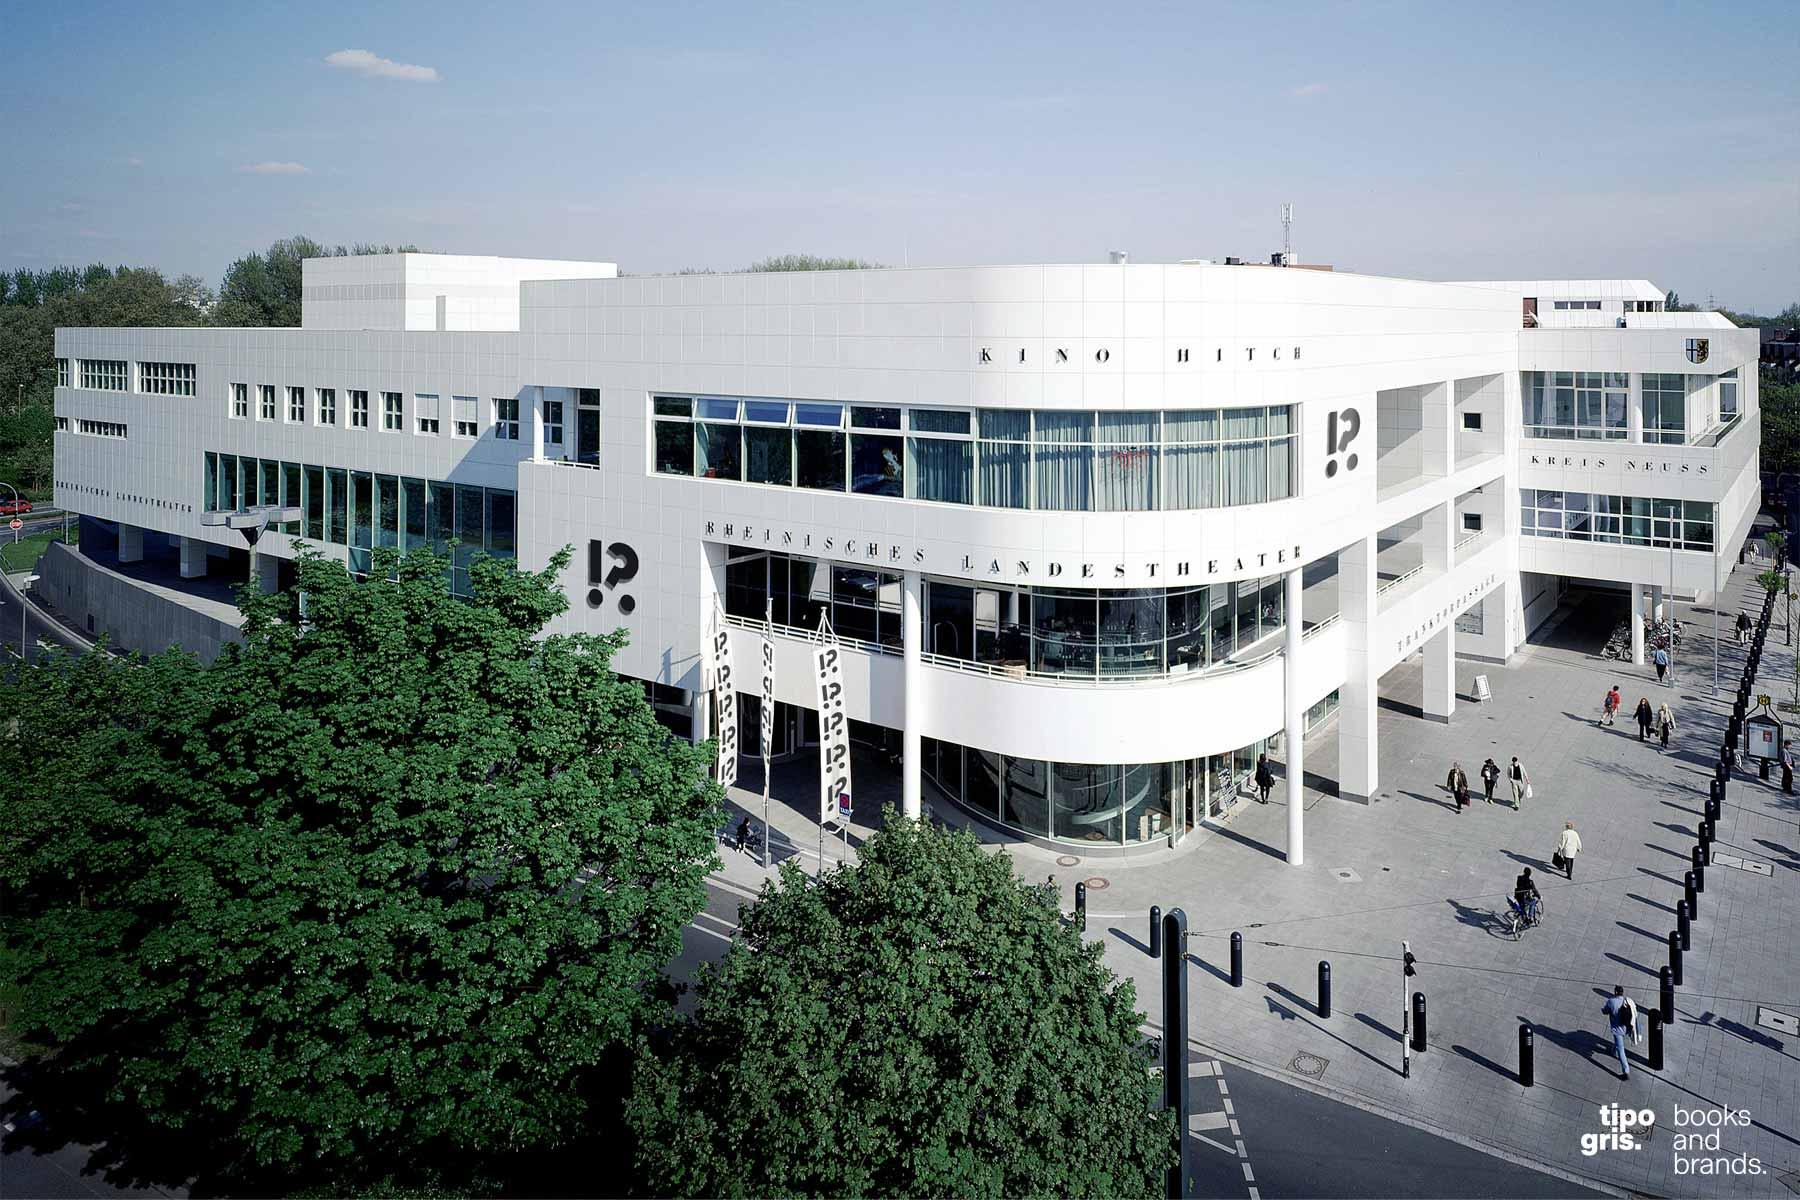 Rebranding und Gesamtgestaltung Rheinisches Landestheater Neuss 2019. Entwurf des Logos »Dramaticon« von Johannes López Ayala, Tipogris Books and Brands.